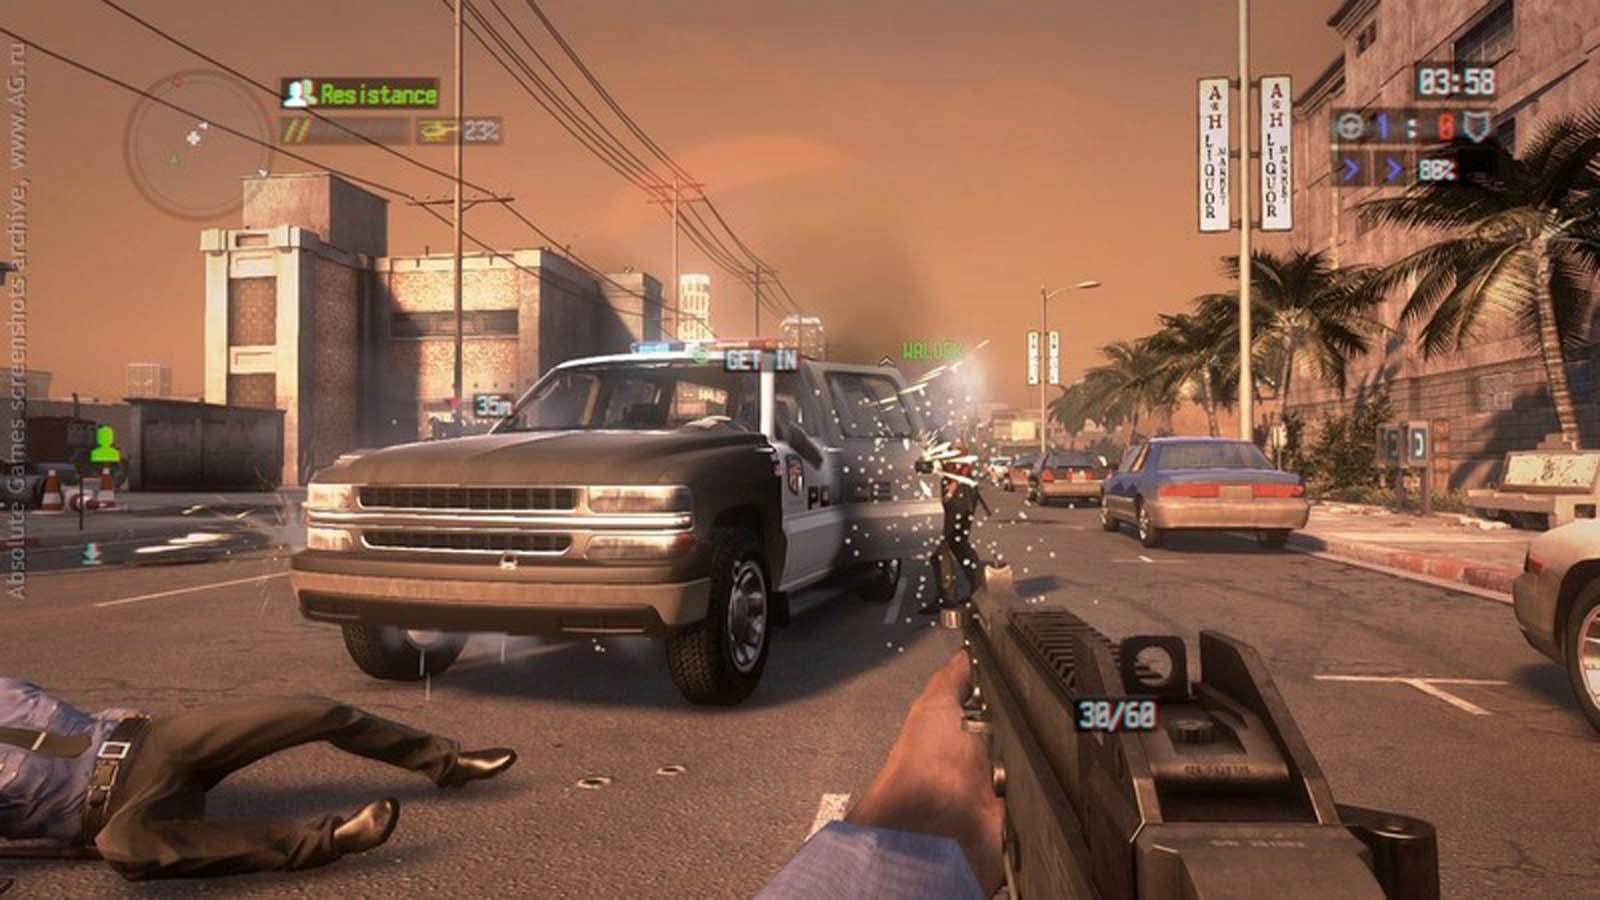 تحميل لعبة Call Of Juarez The Cartel مضغوطة برابط واحد مباشر + تورنت كاملة مجانا